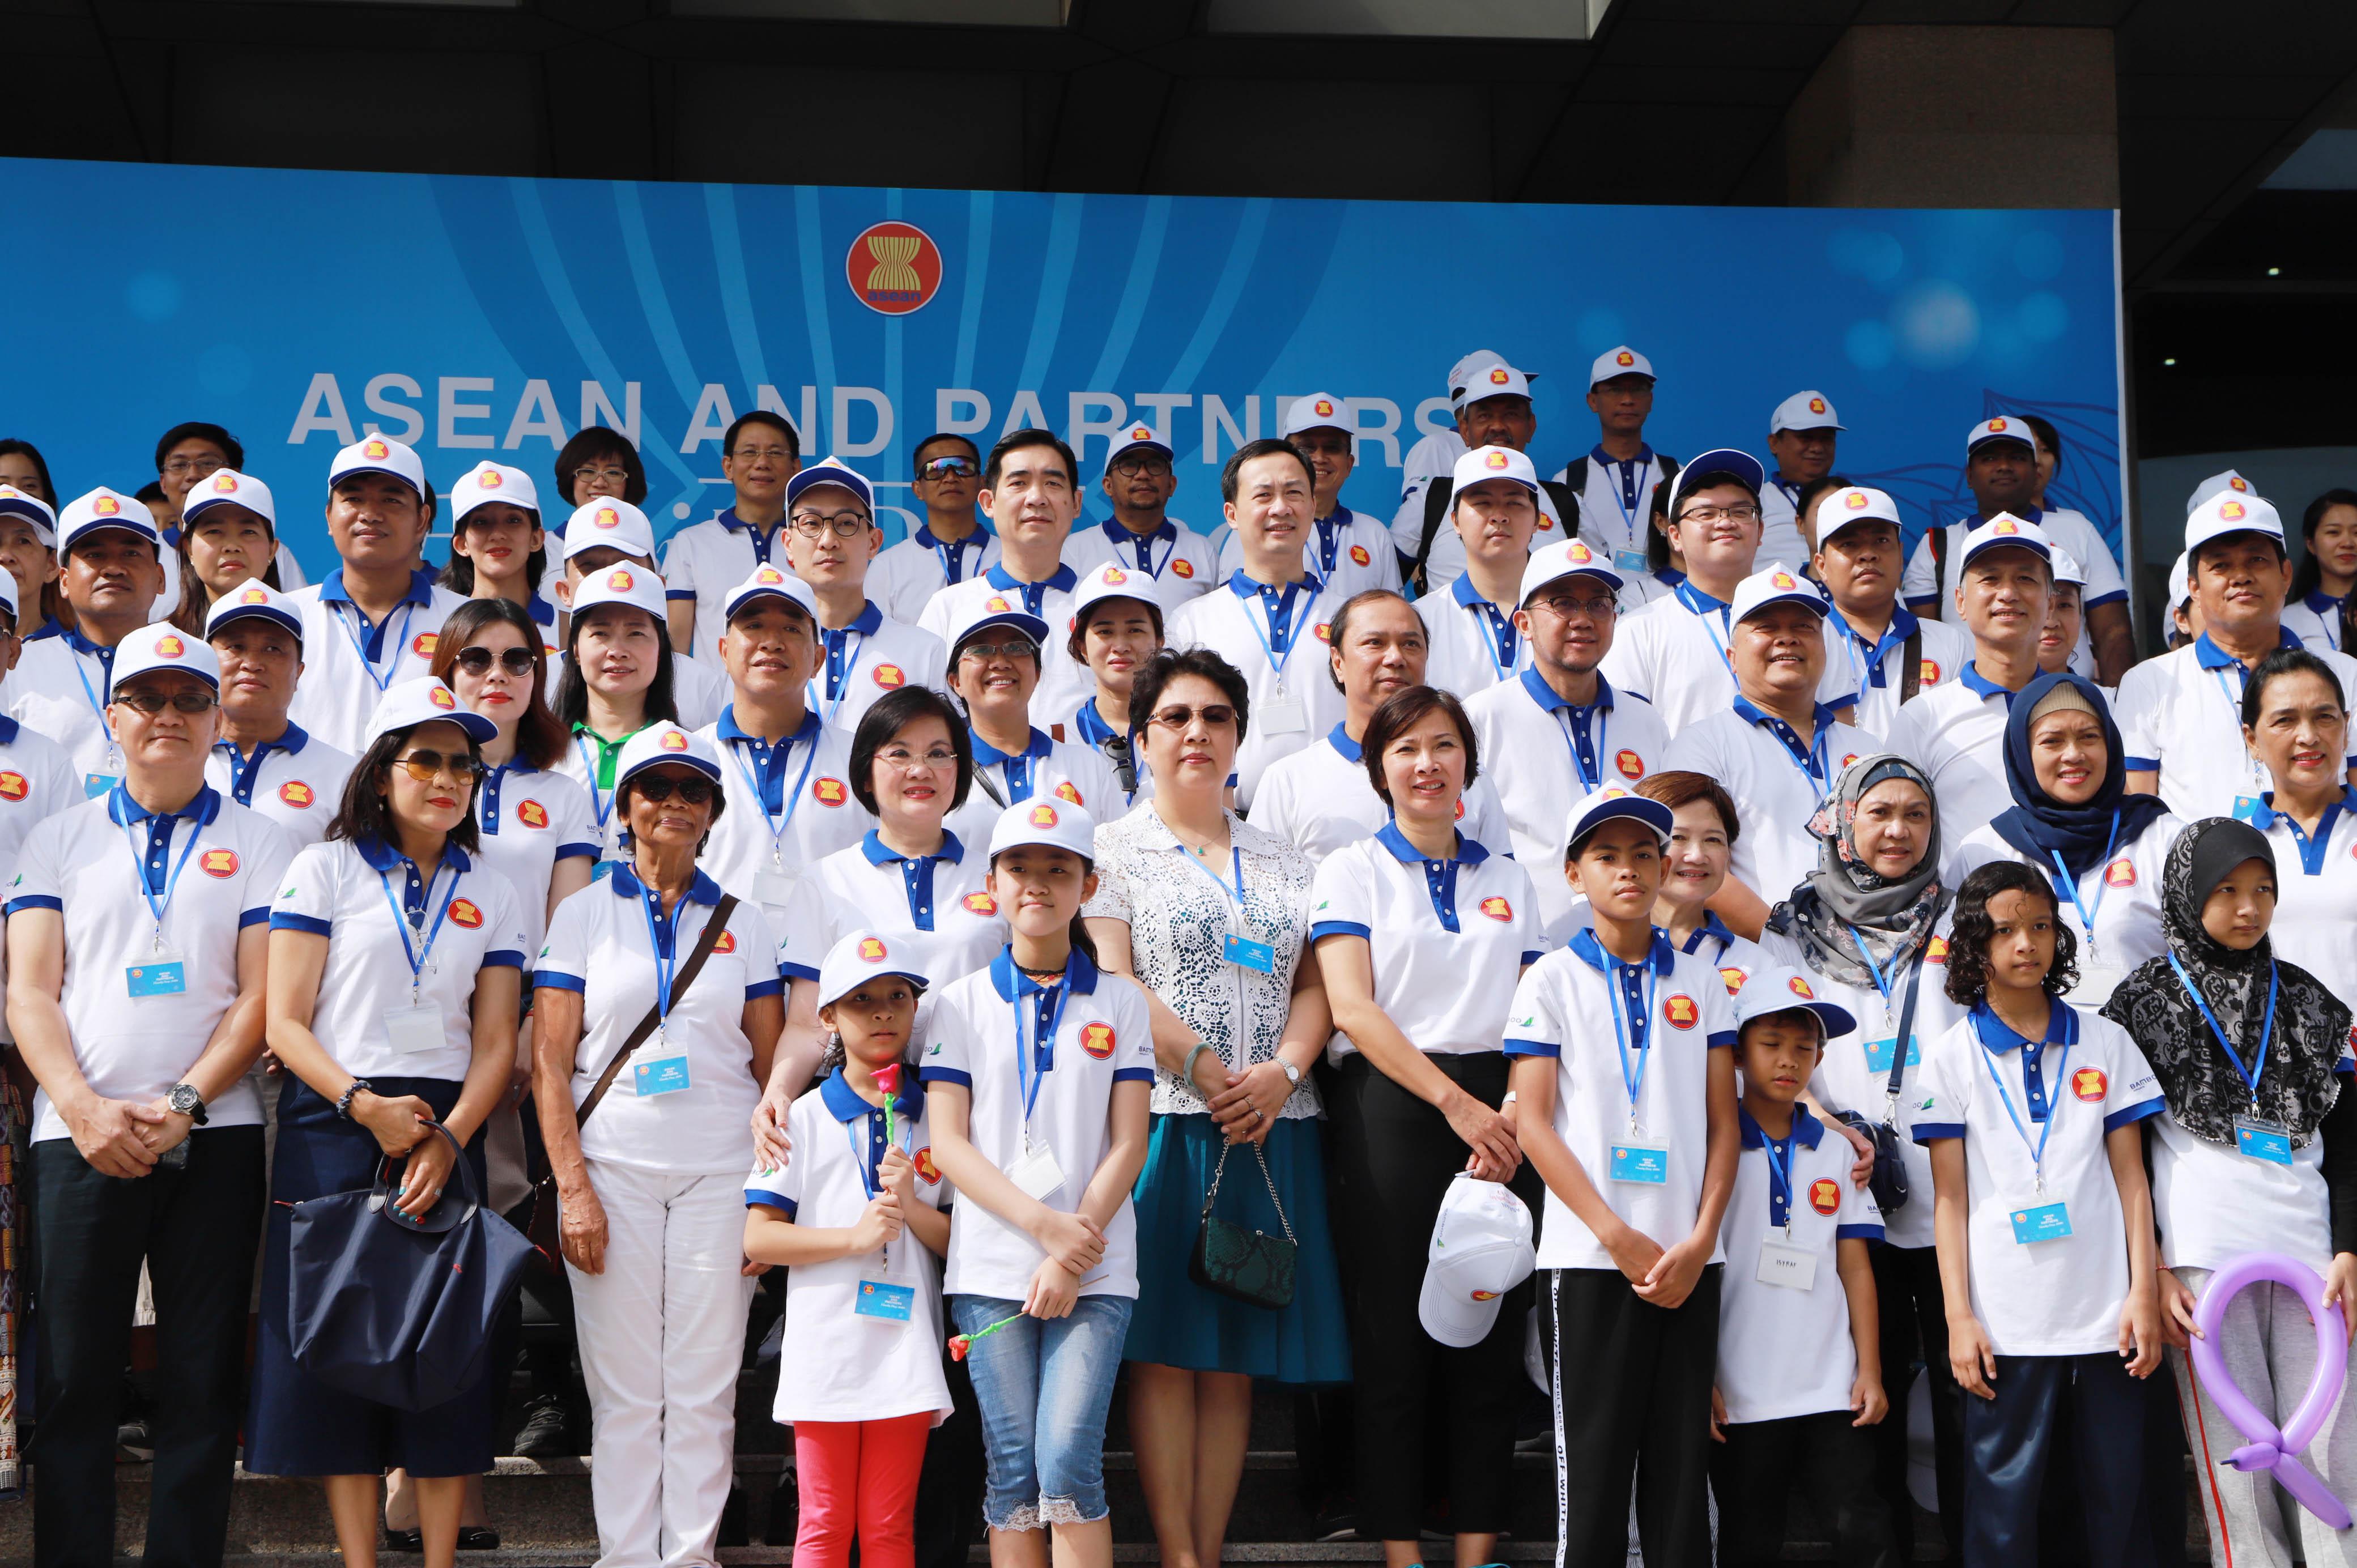 Ngày Gia đình ASEAN 2019 được mở rộng hơn nữa với sự tham gia của các gia đình và bạn bè là đối tác của ASEAN; cùng chia sẻ khát vọng tình hữu nghị, đoàn kết, hiểu biết và hợp tác lẫn nhau.